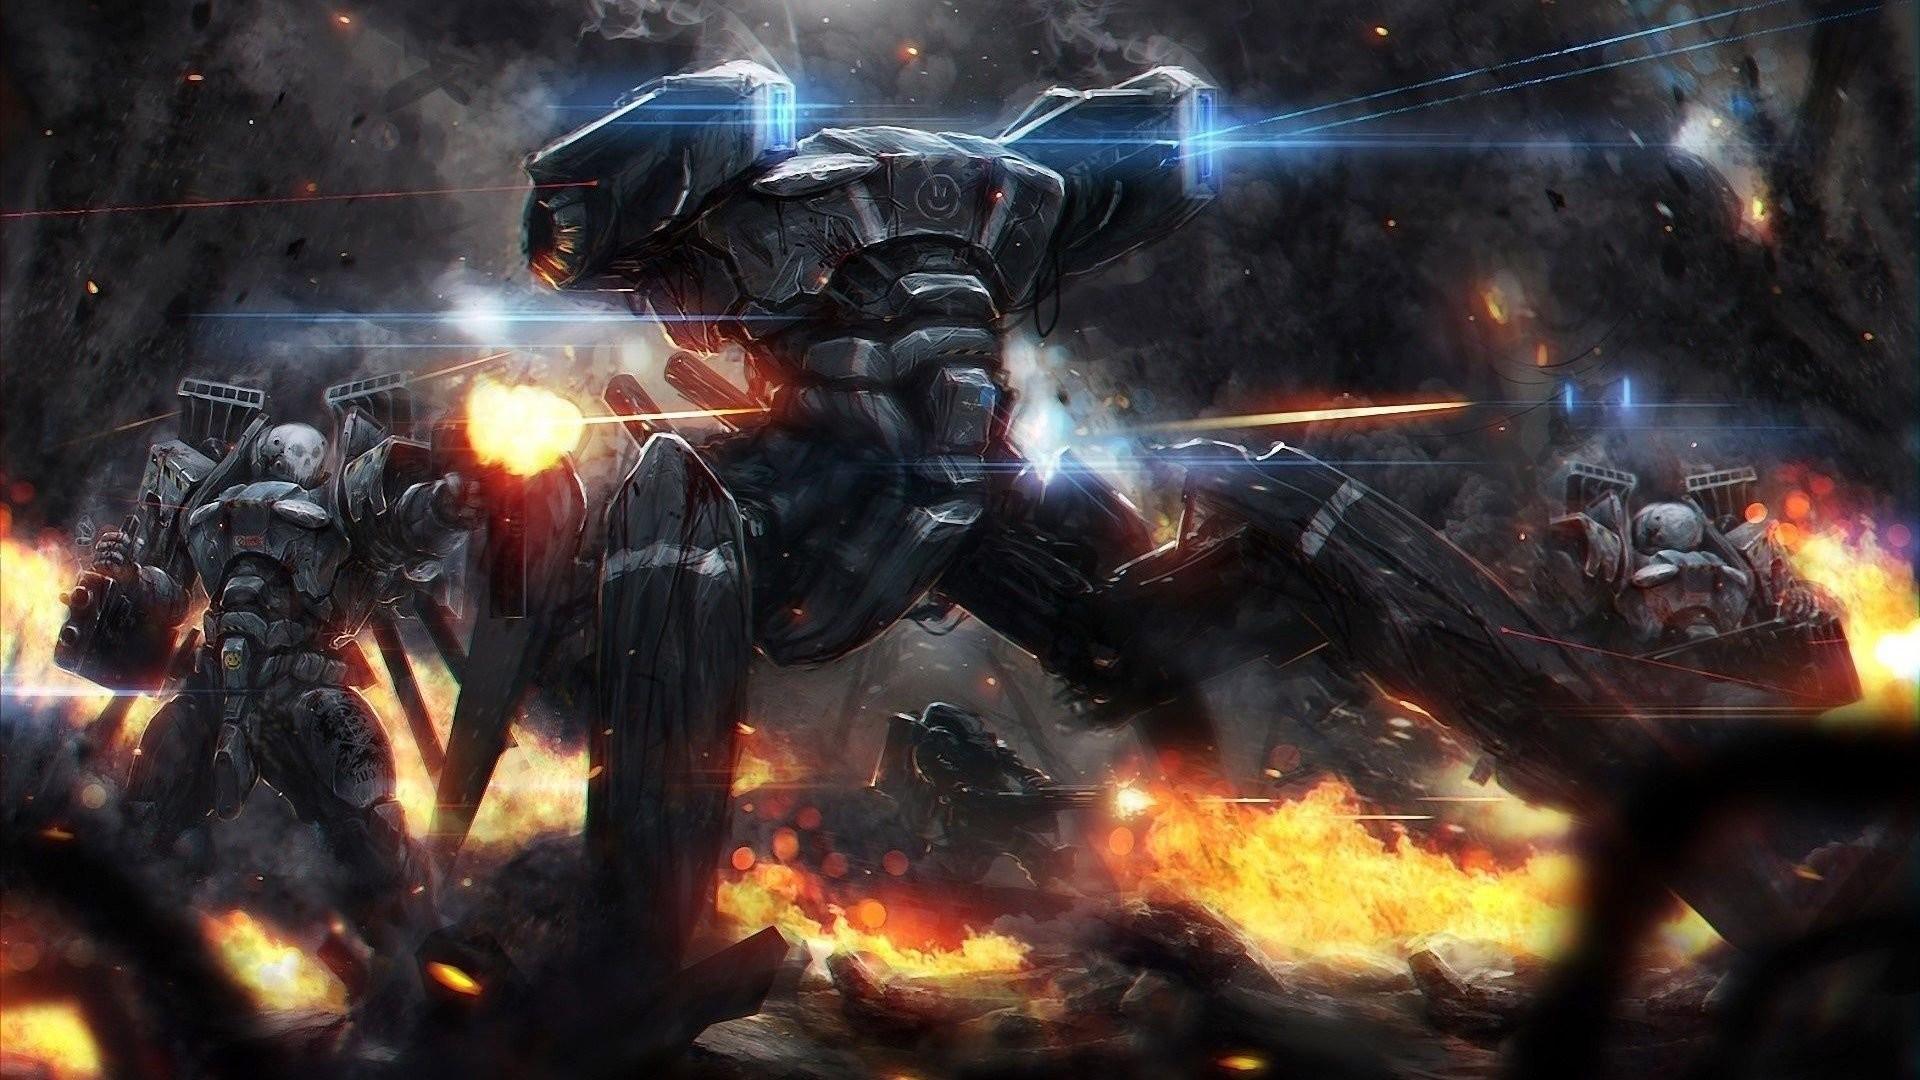 Transformers Fall Of Cybertron Wallpaper 1920x1080 Battle Mech Wallpaper 183 ① Wallpapertag